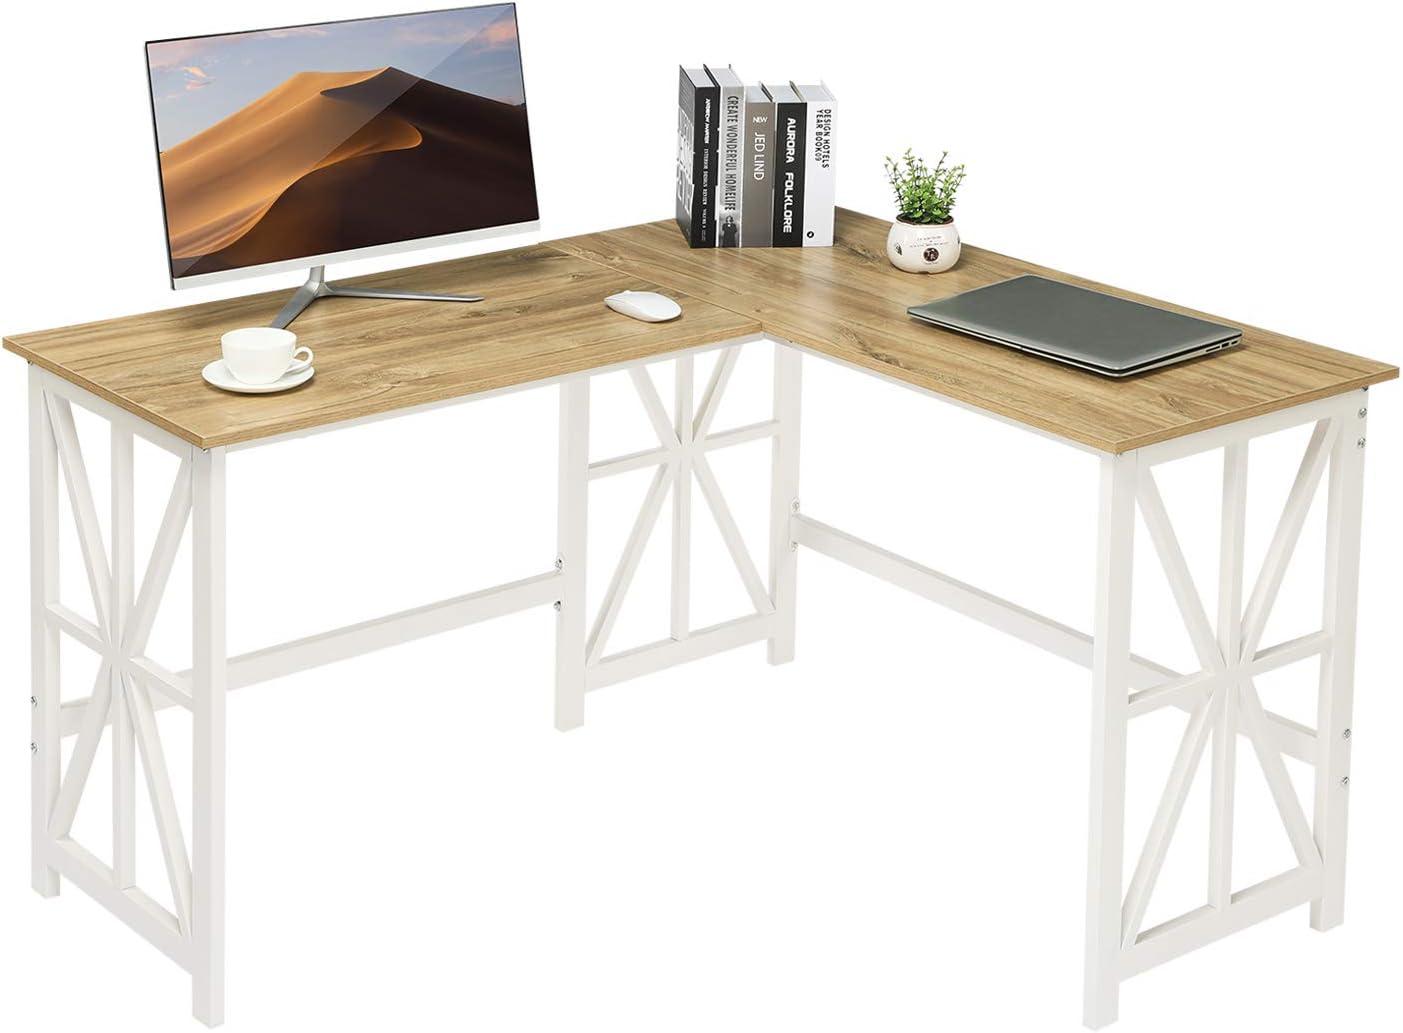 GreenForest L Shaped Corner Desk, Industrial Style Compact Design Computer Gaming Desk PC Laptop Workstation for Home Office, Oak